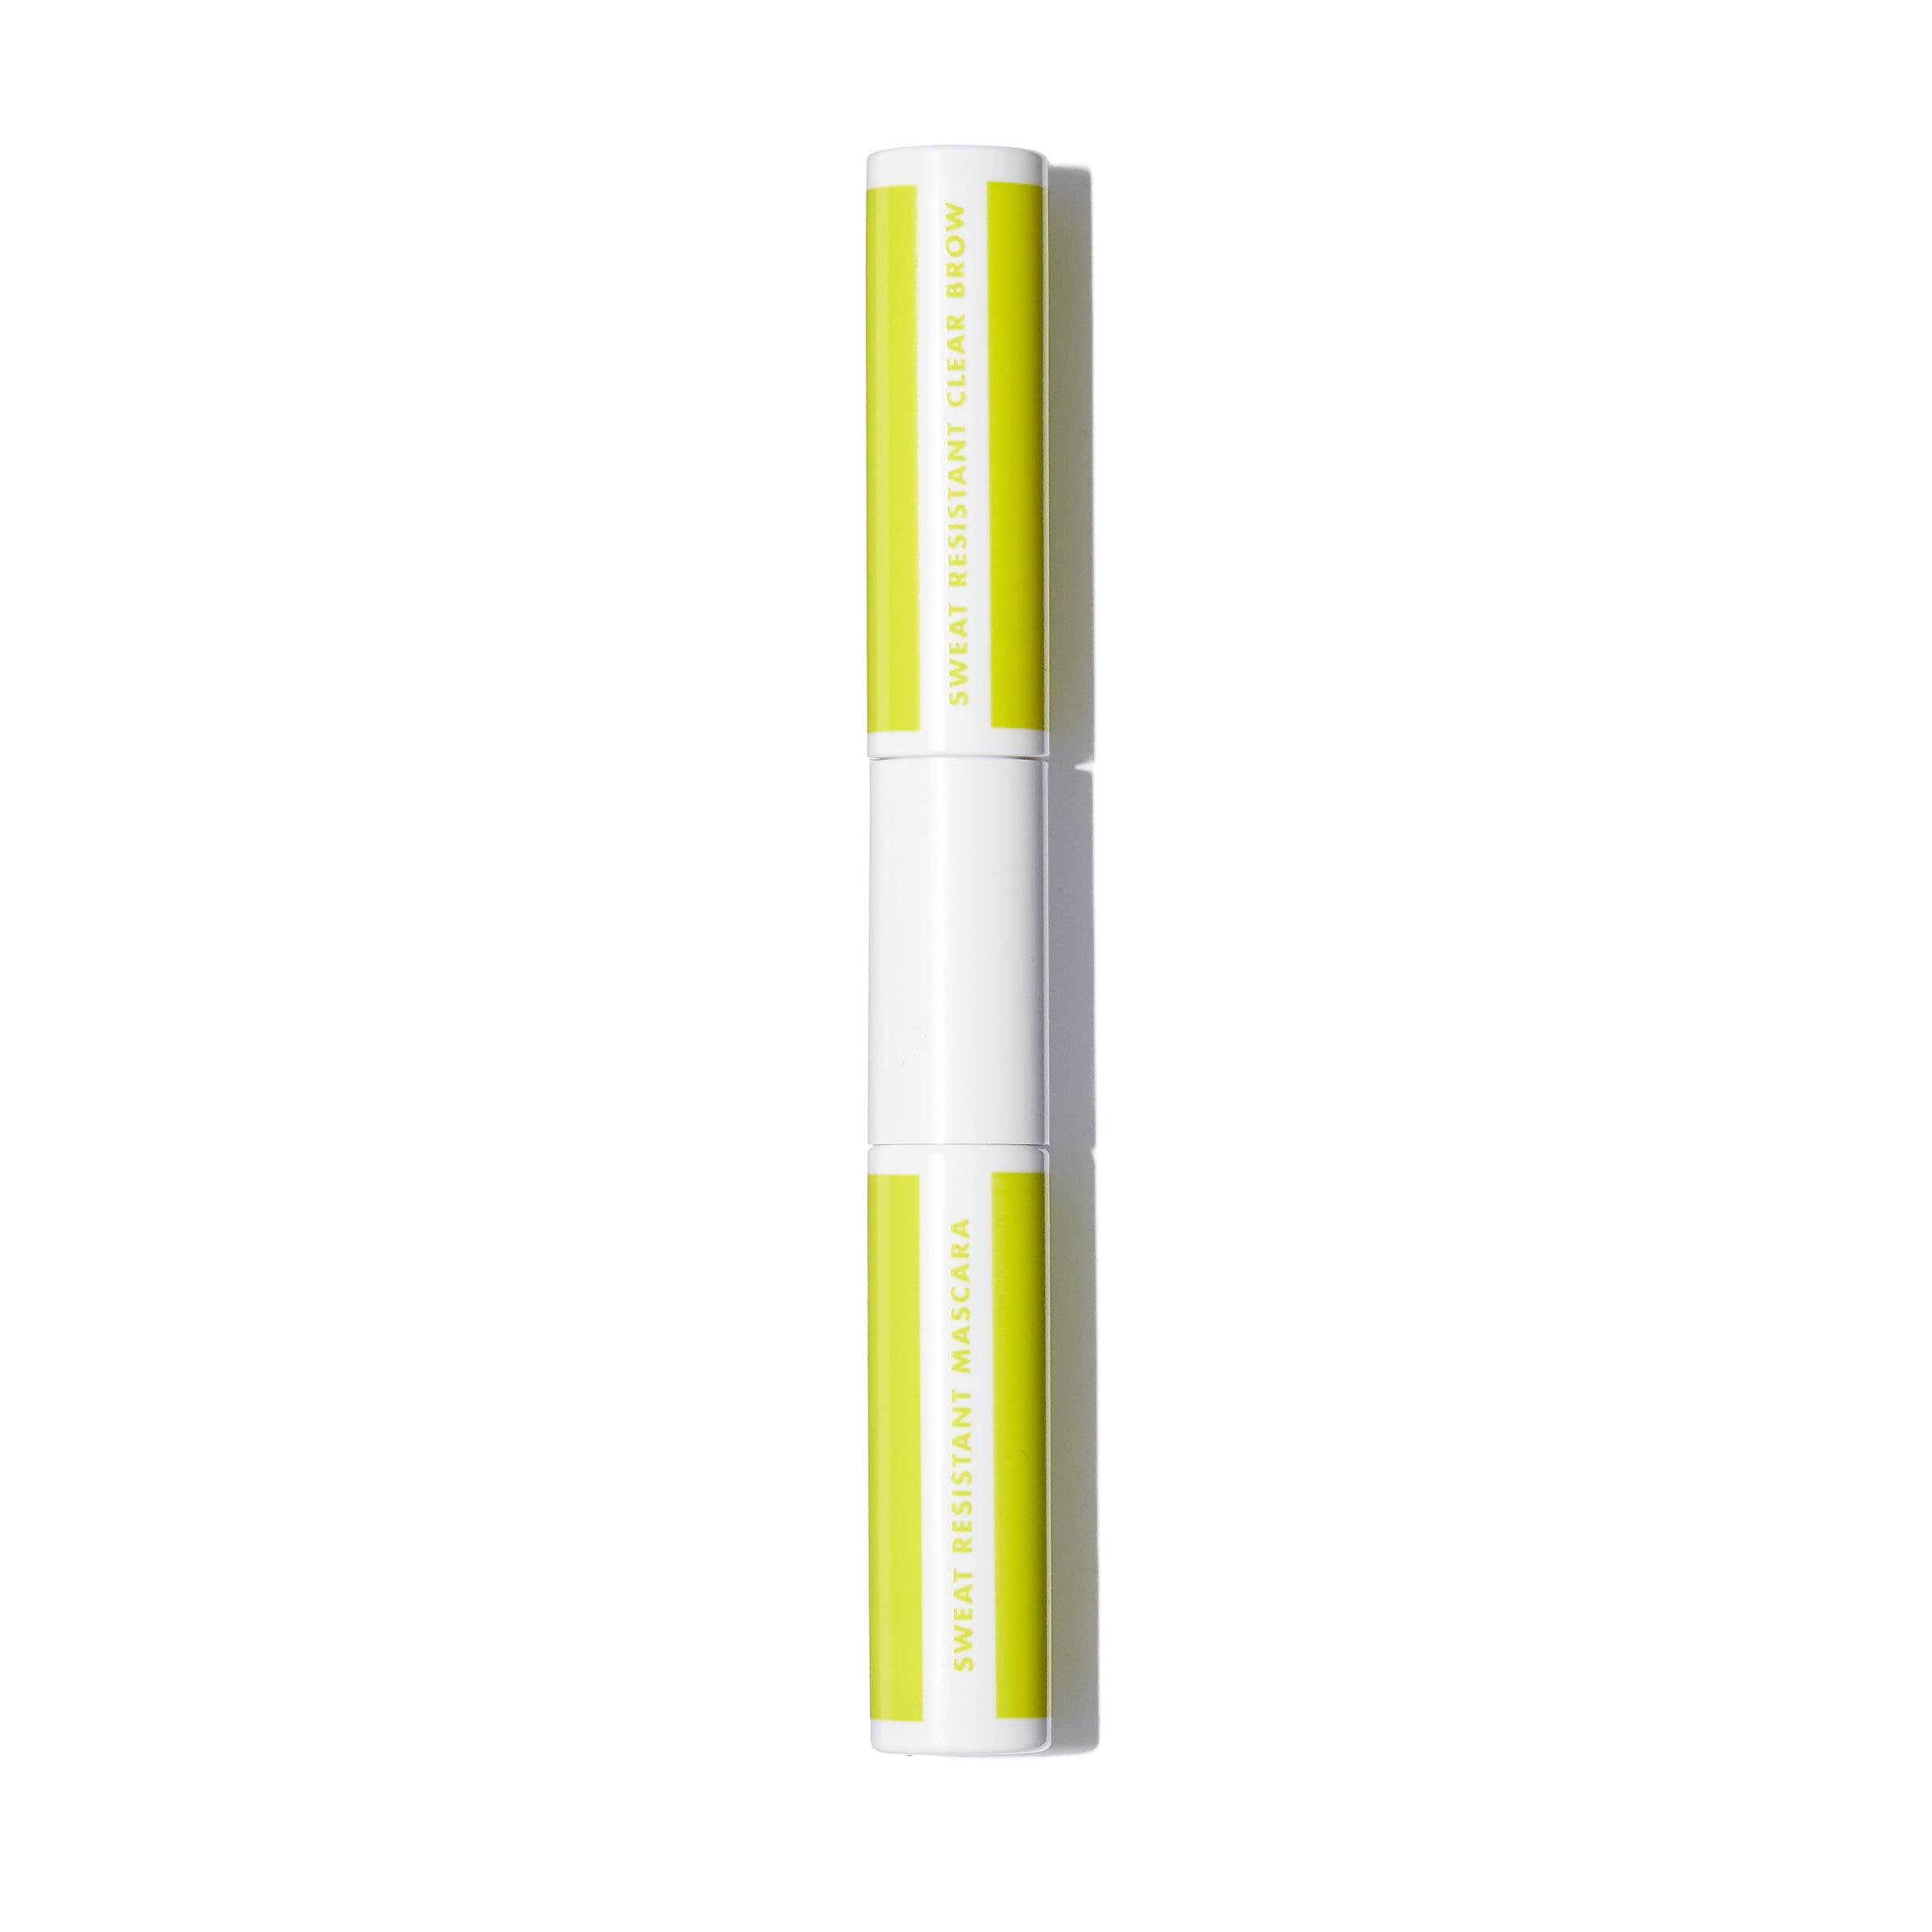 125f821b2cb e.l.f. Cosmetics Active Sweat Resistant Mascara & Brow Duo, Black/Clear -  Walmart.com